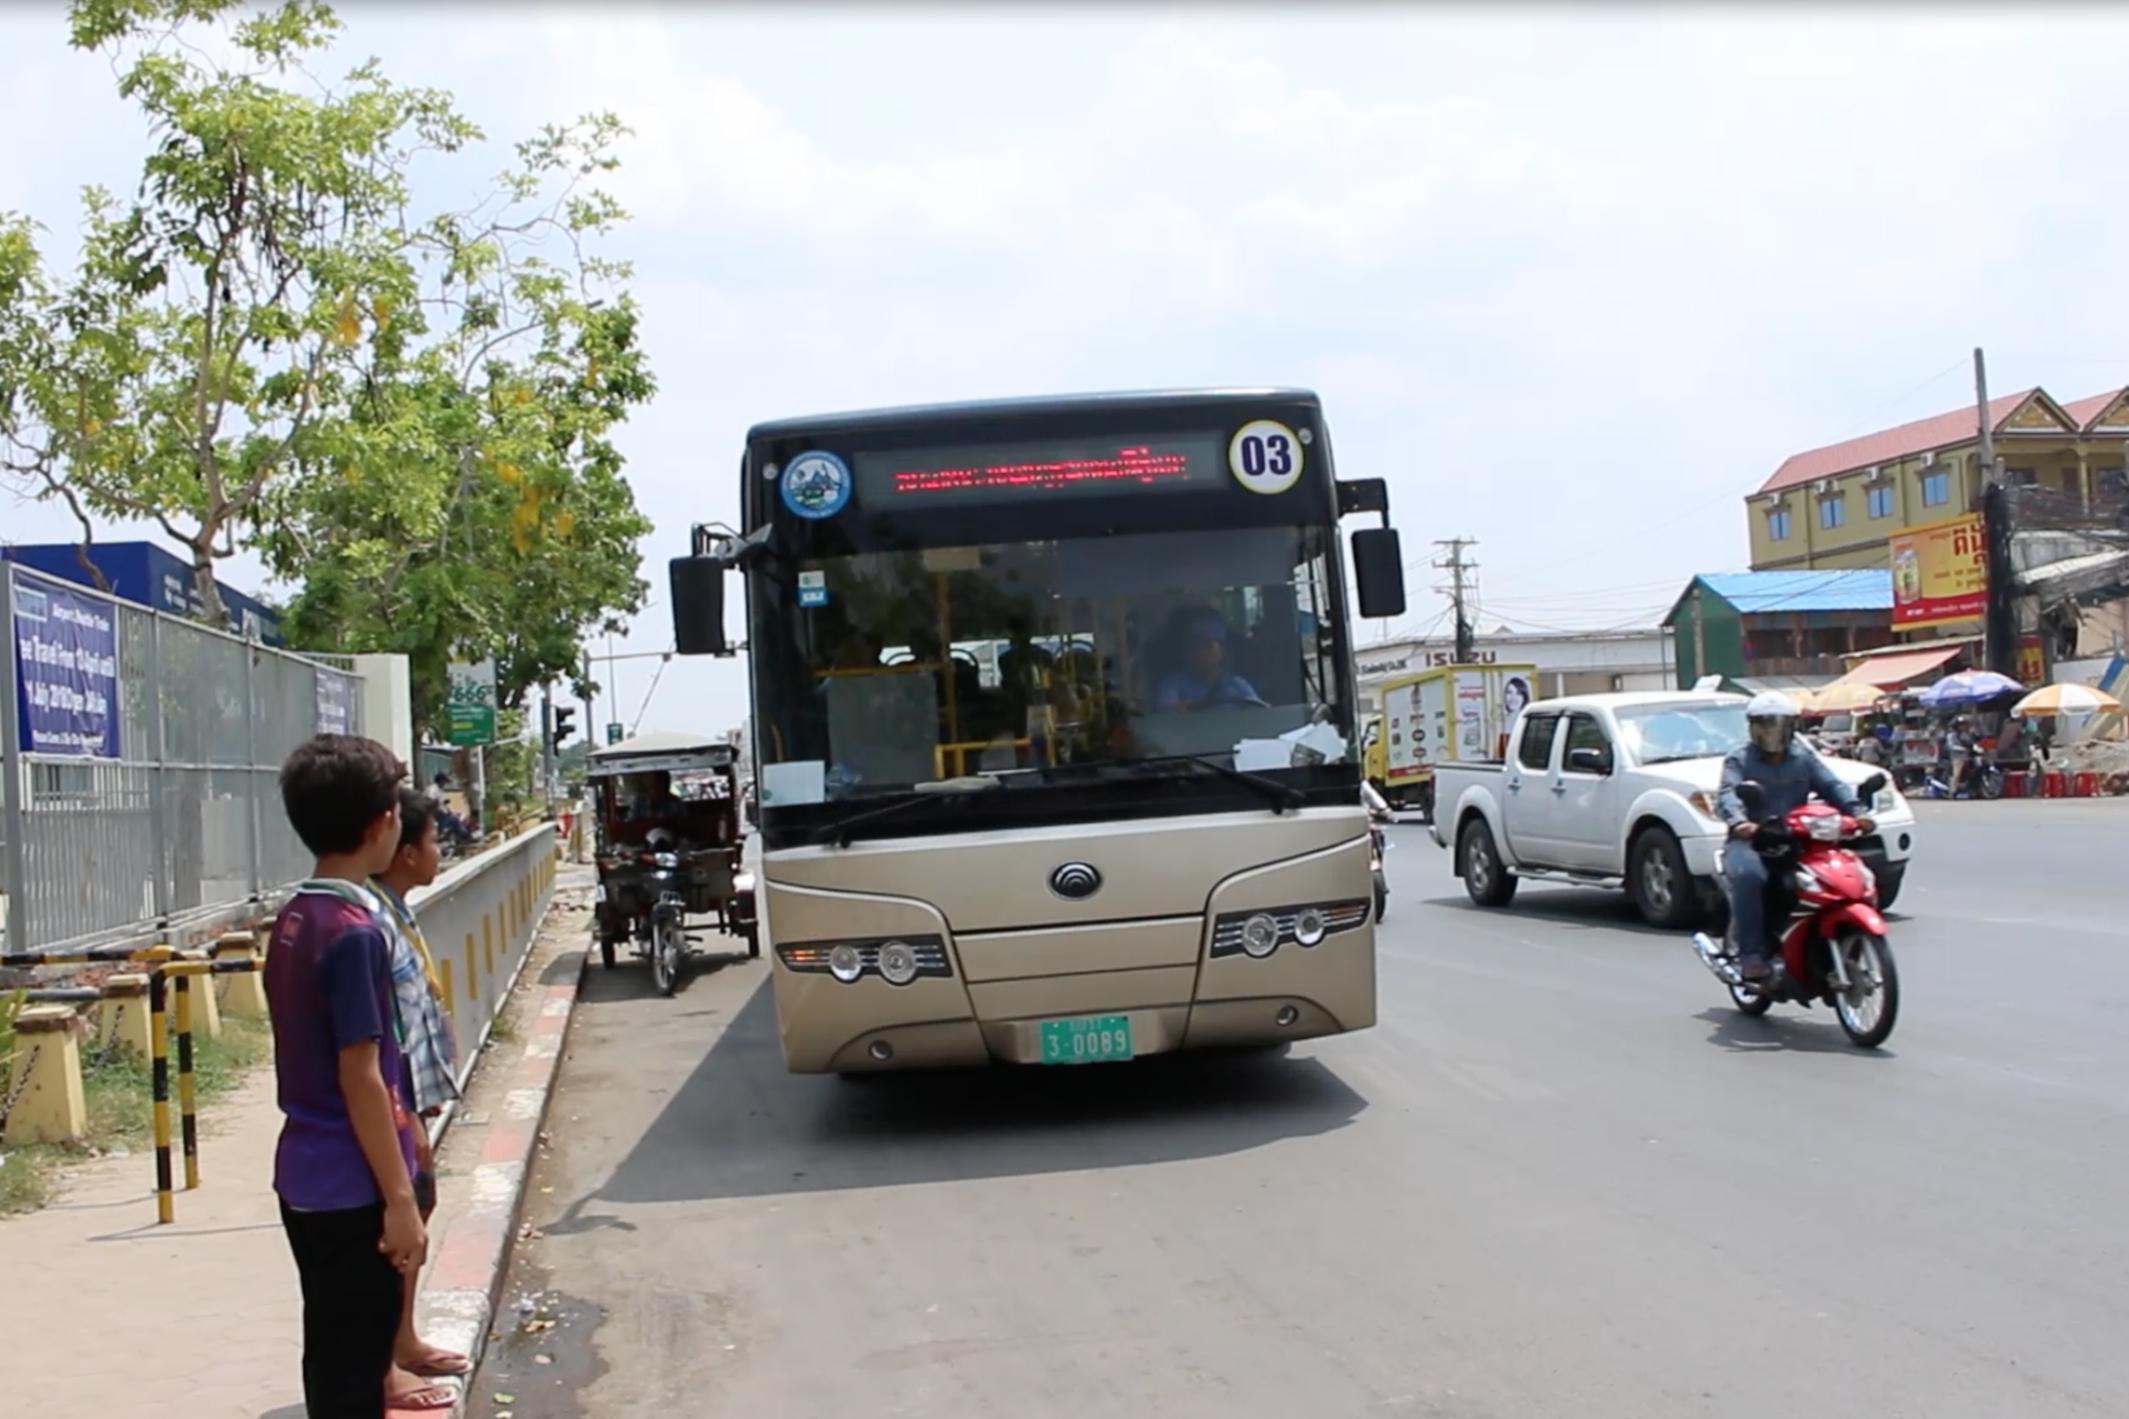 8路線まで拡大中! どんどん便利になる公共バスでプノンペン市内を移動しよう!